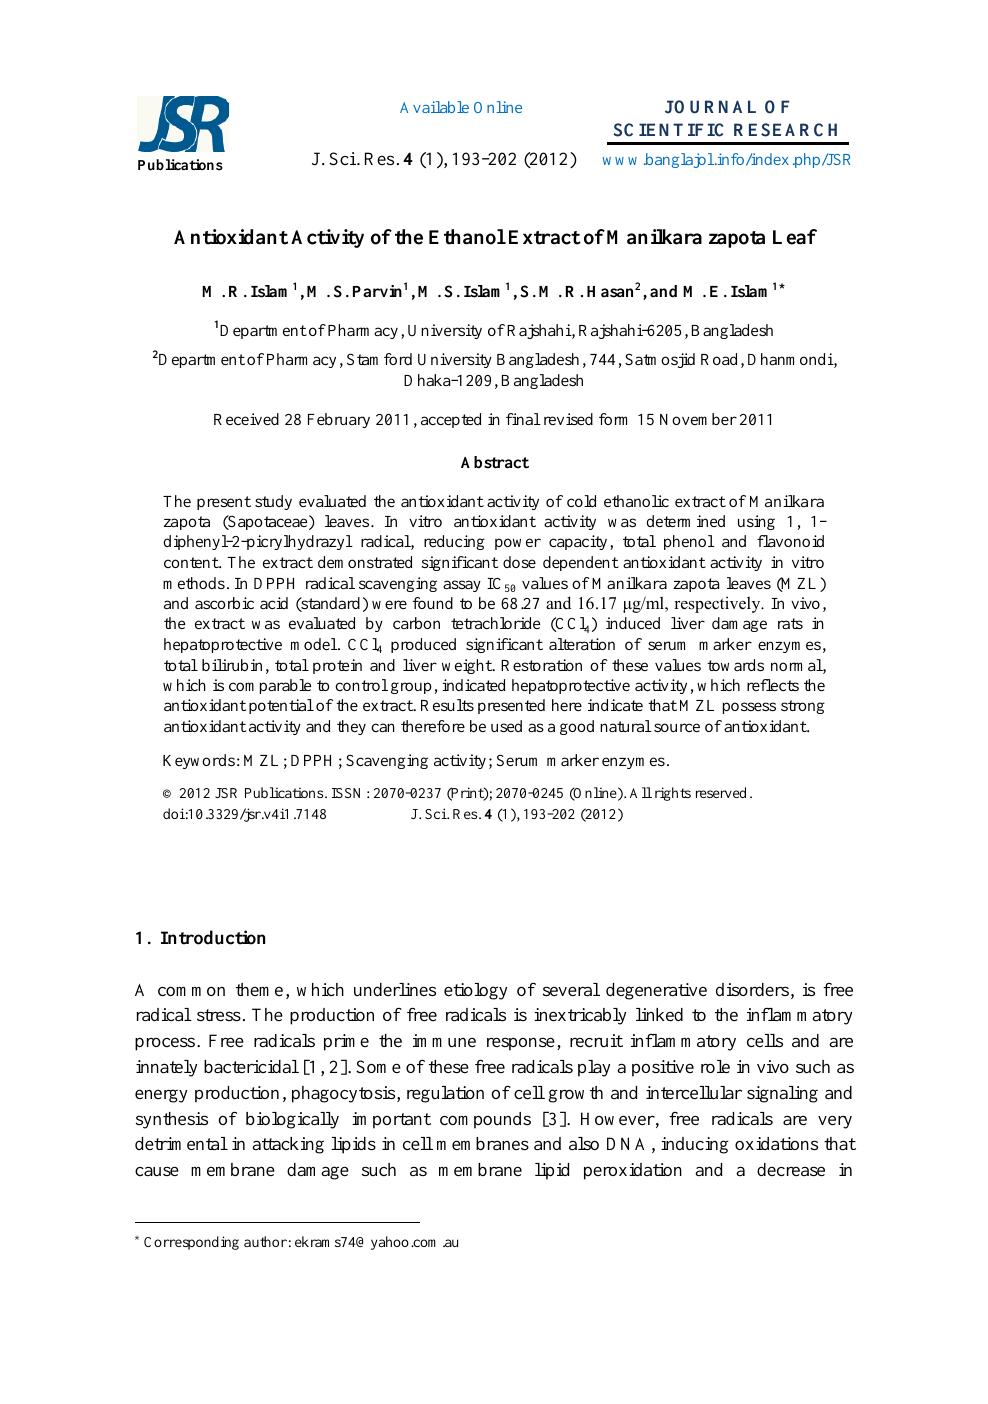 Antioxidant Activity of the Ethanol Extract of <i>Manilkara